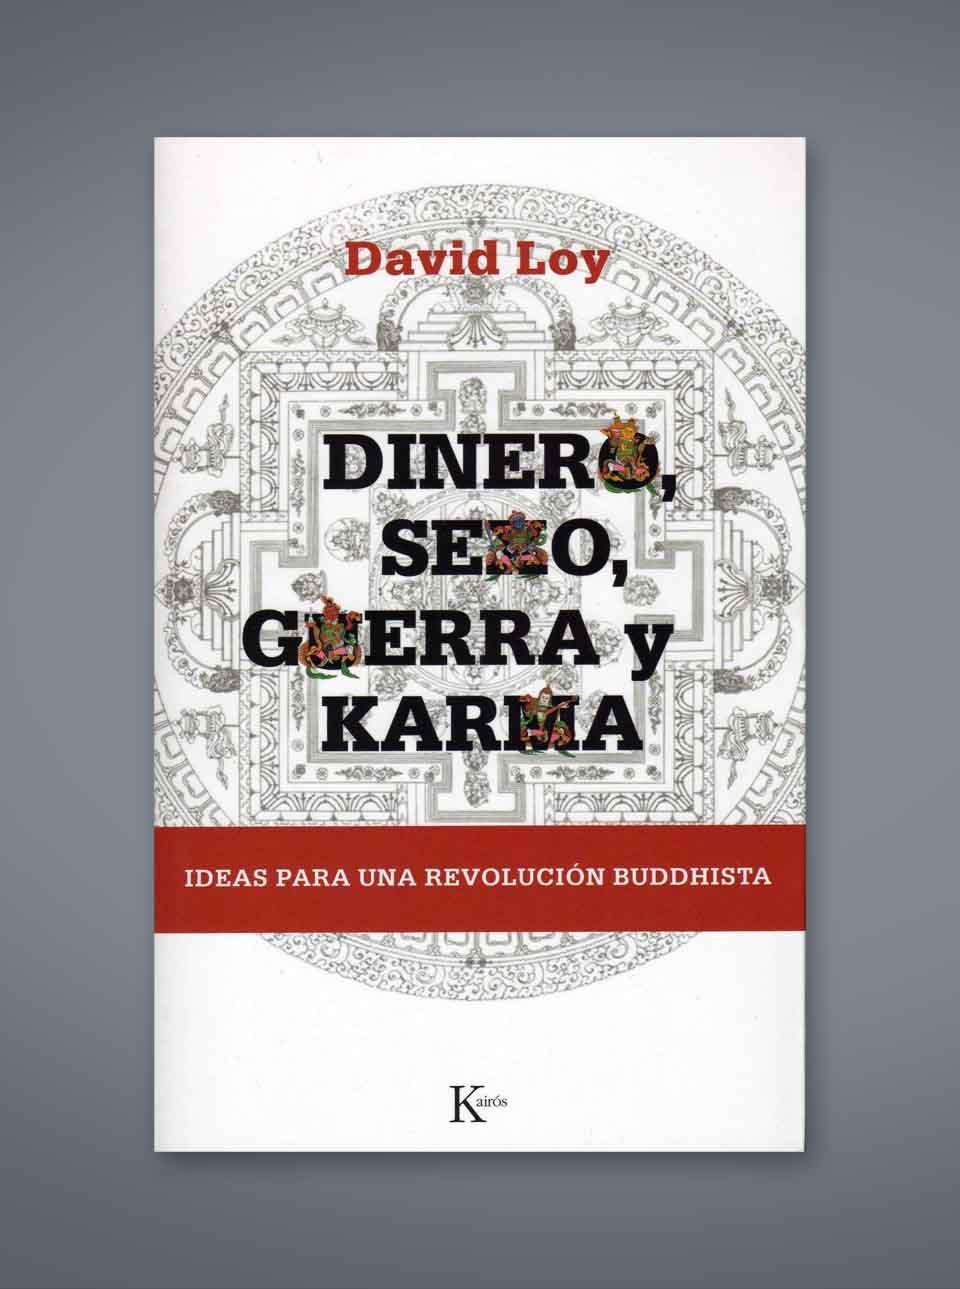 Dinero, sexo, gueraa y karma: Ideas para una revolución buddhista de David Loy